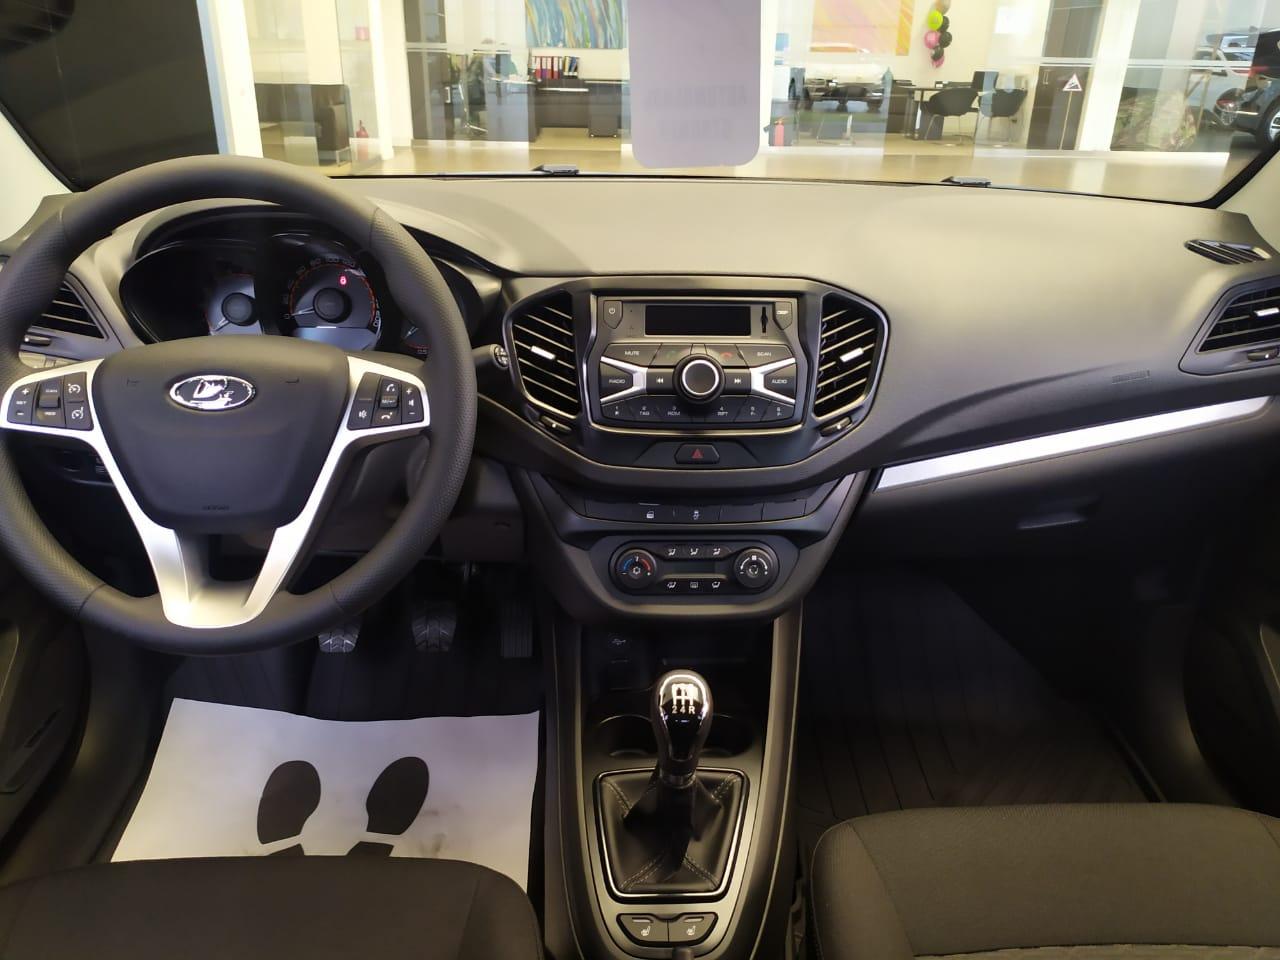 LADA Vesta седан 1.6 л 16-кл. (106 л.с.), 5МТ, Comfort, Коричневый «Ангкор» 2021